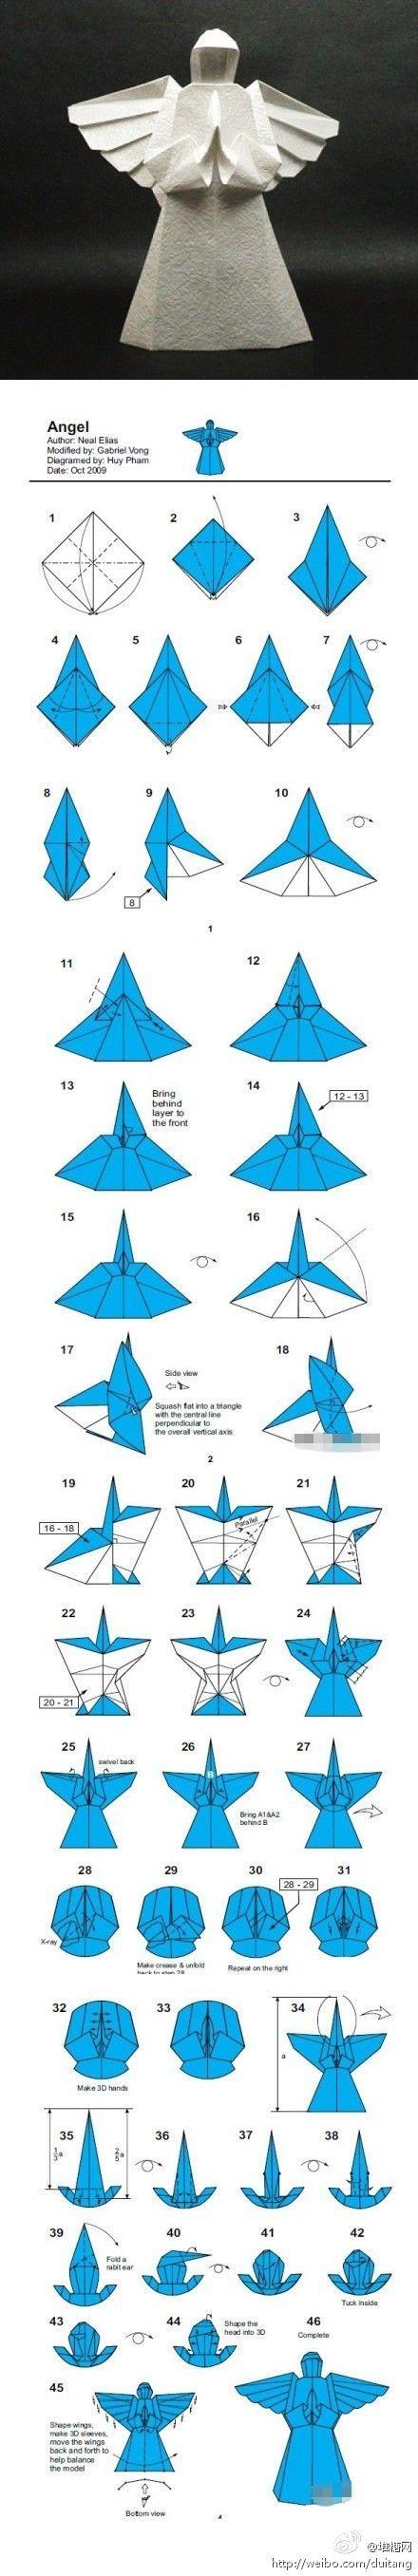 die besten 25 origami weihnachten ideen auf pinterest. Black Bedroom Furniture Sets. Home Design Ideas